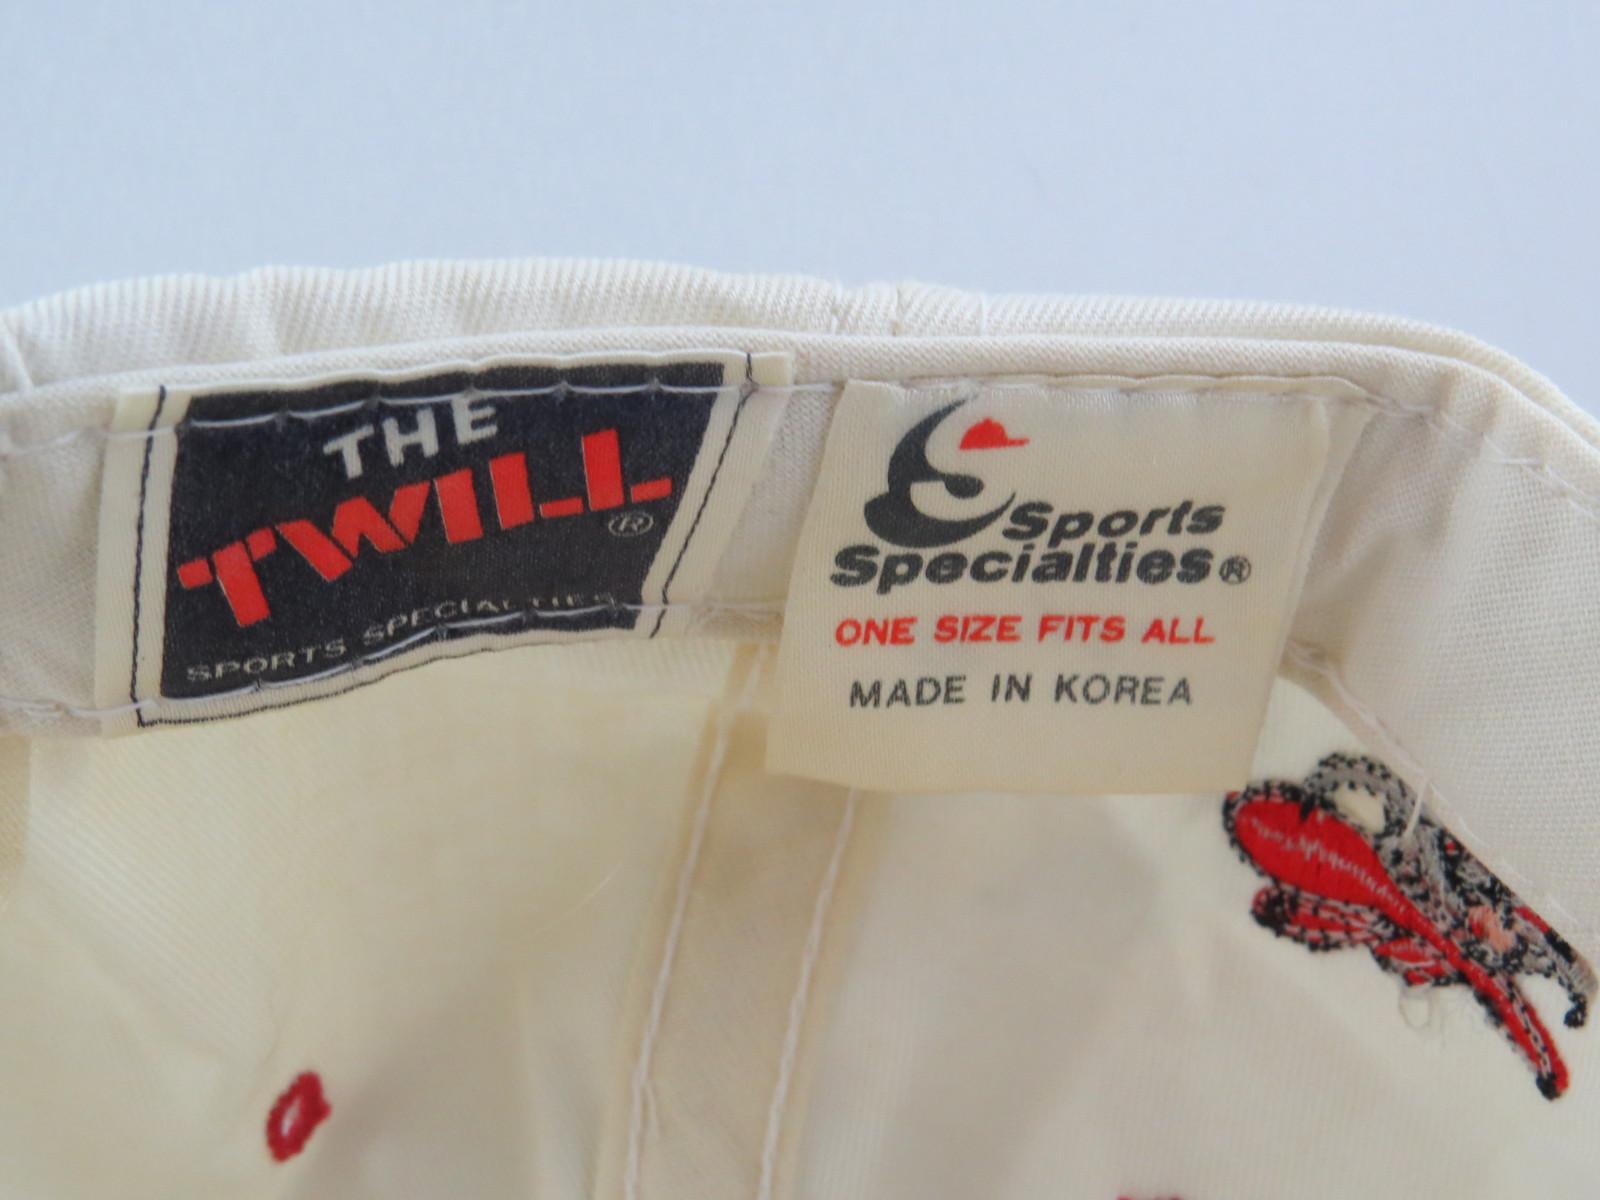 UNLV Running Rebels Hat (VTG) - Twill Script Sports Specialties - Adult Snapback